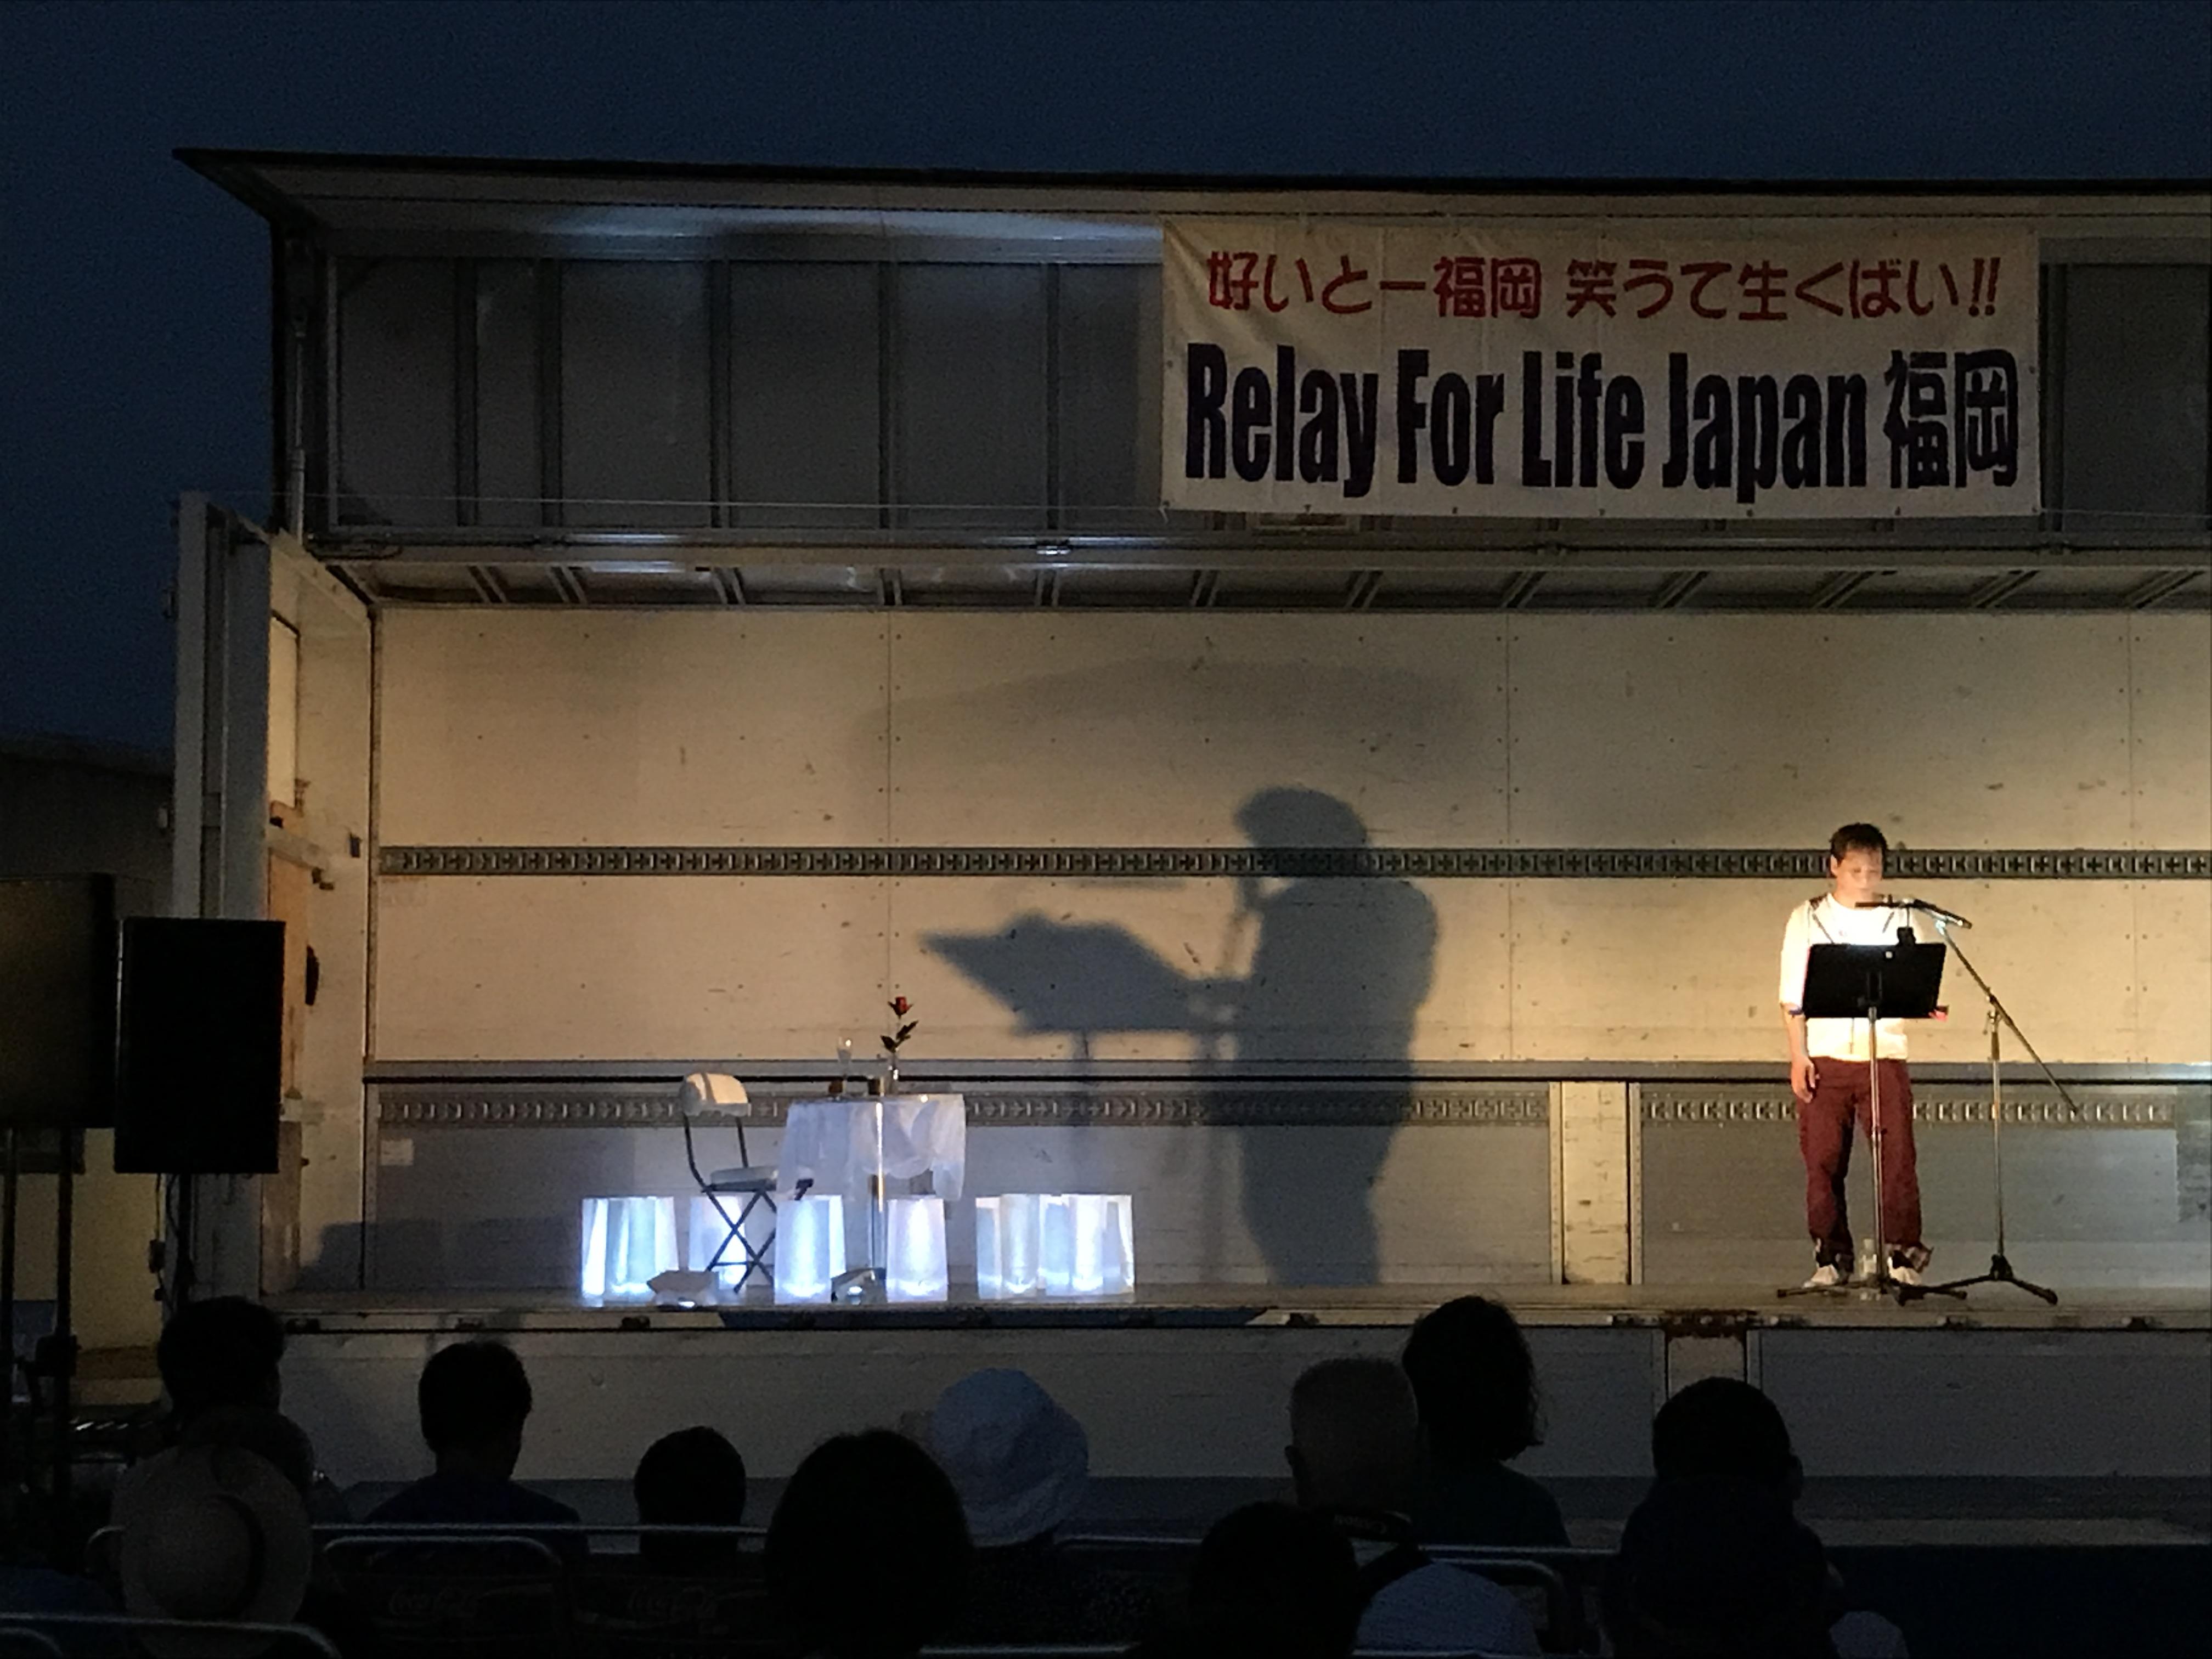 リレーフォライフ福岡2017画像19